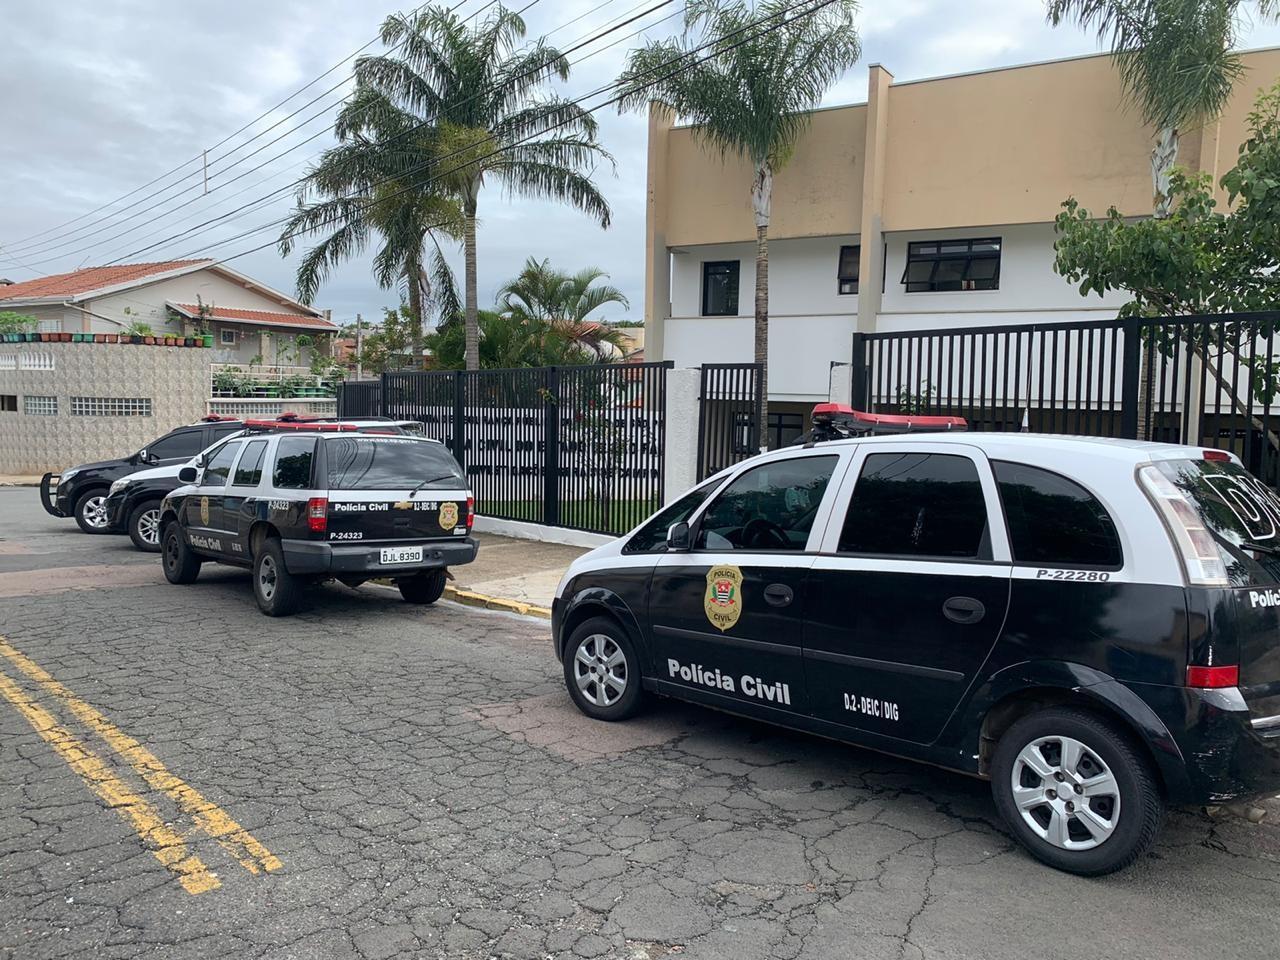 Polícia Civil cumpre mandados em 5 estados durante 2ª fase de operação contra estelionato